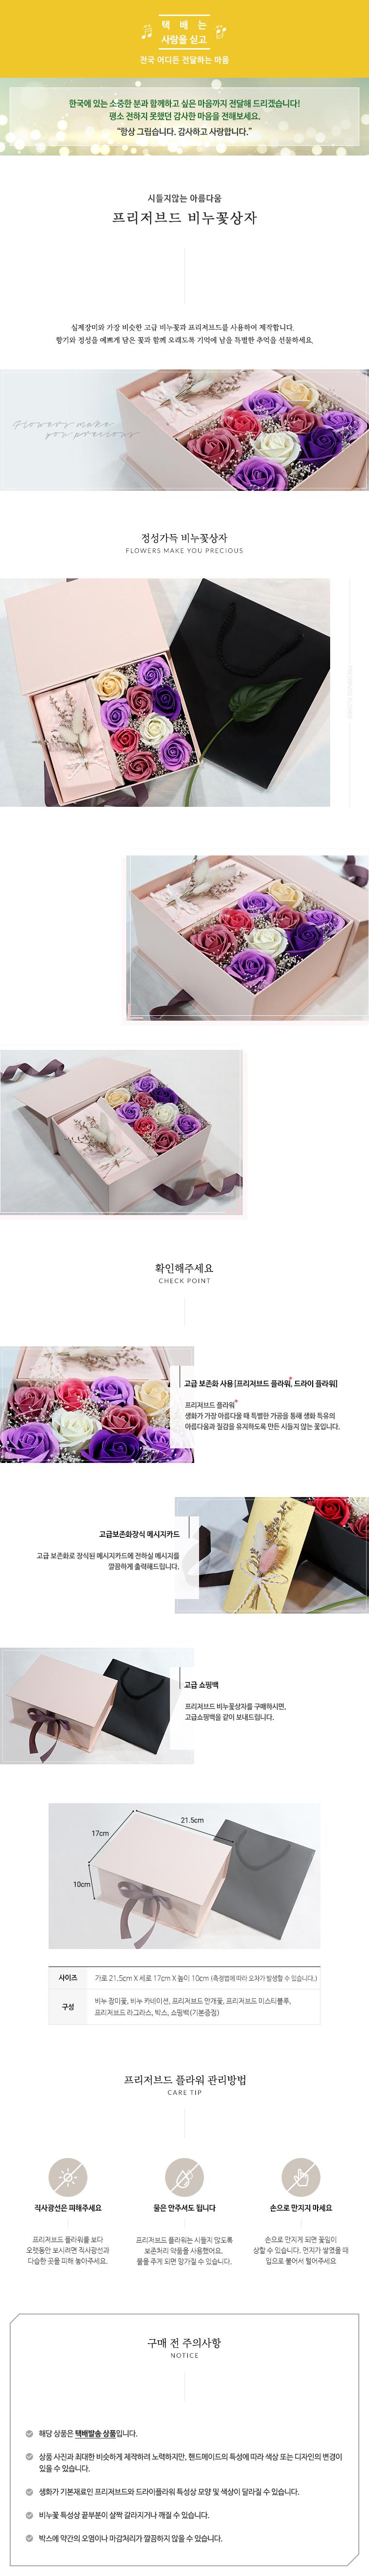 정성가득 비누꽃상자 핑크 제품설명